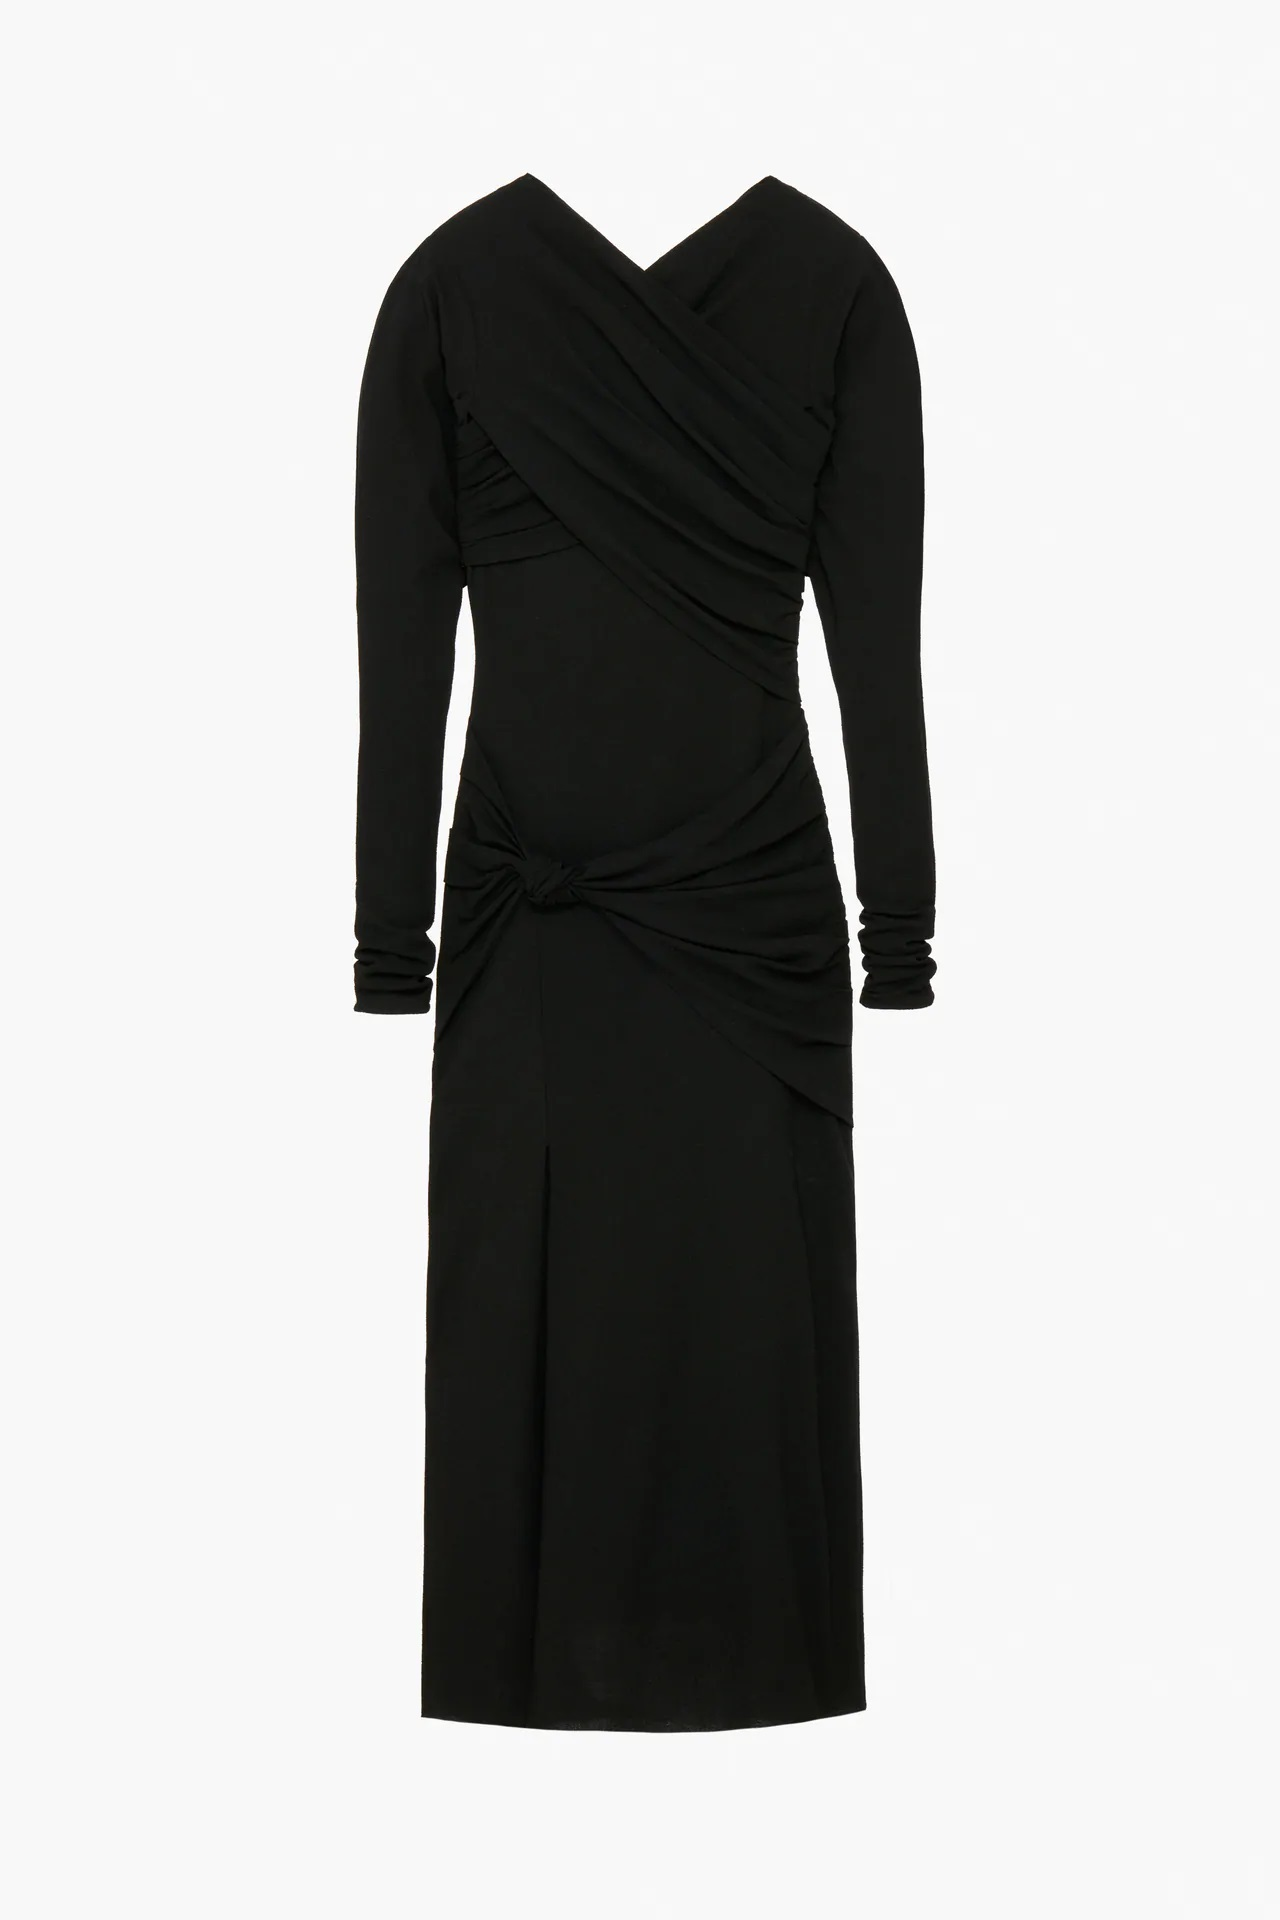 Zara tiene la versión low cost del vestido negro drapeado de la reina Letizia